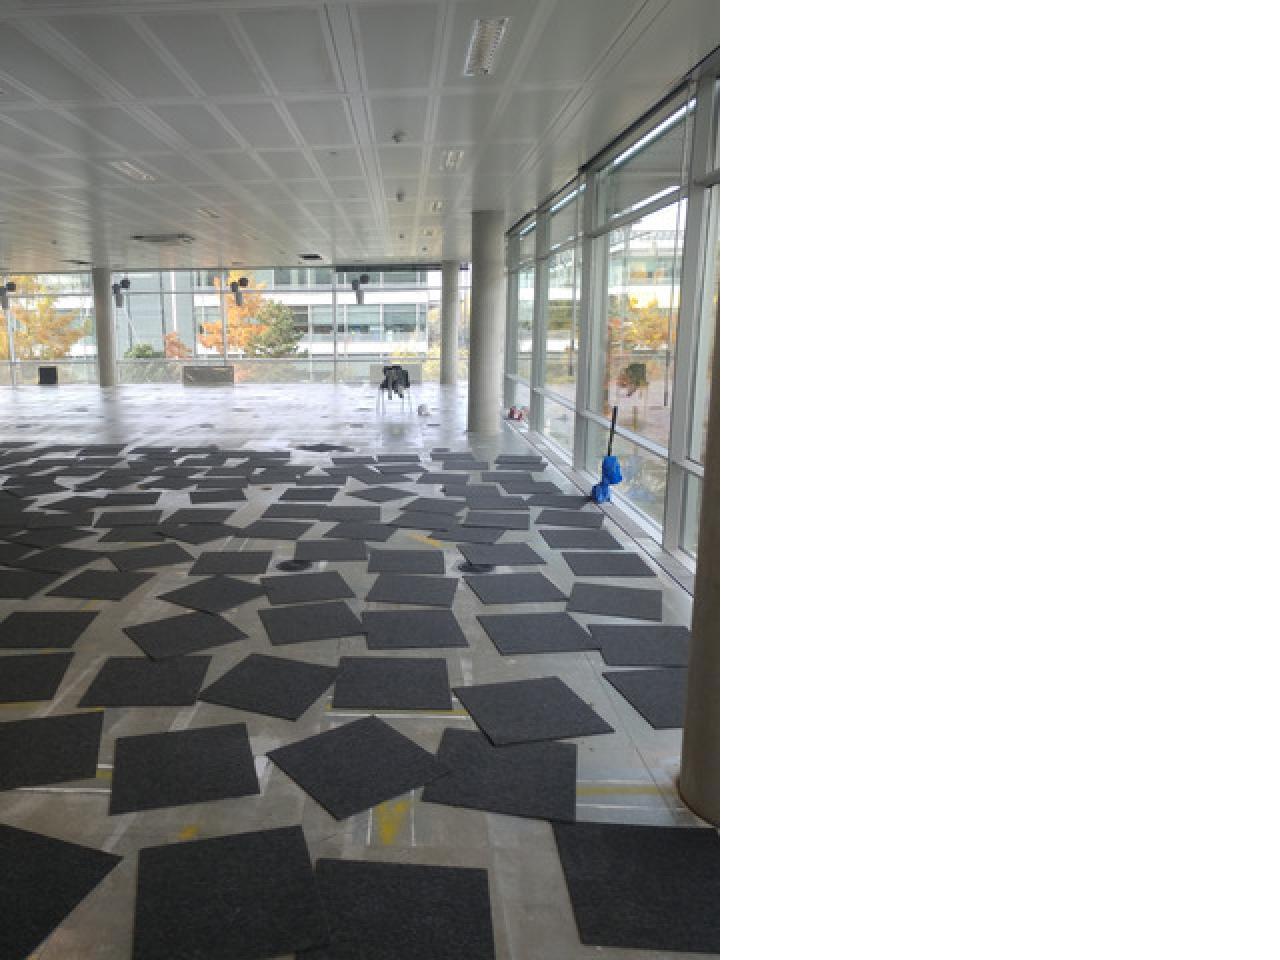 Сервис качественного коврового покрытия! (carpet) - 1